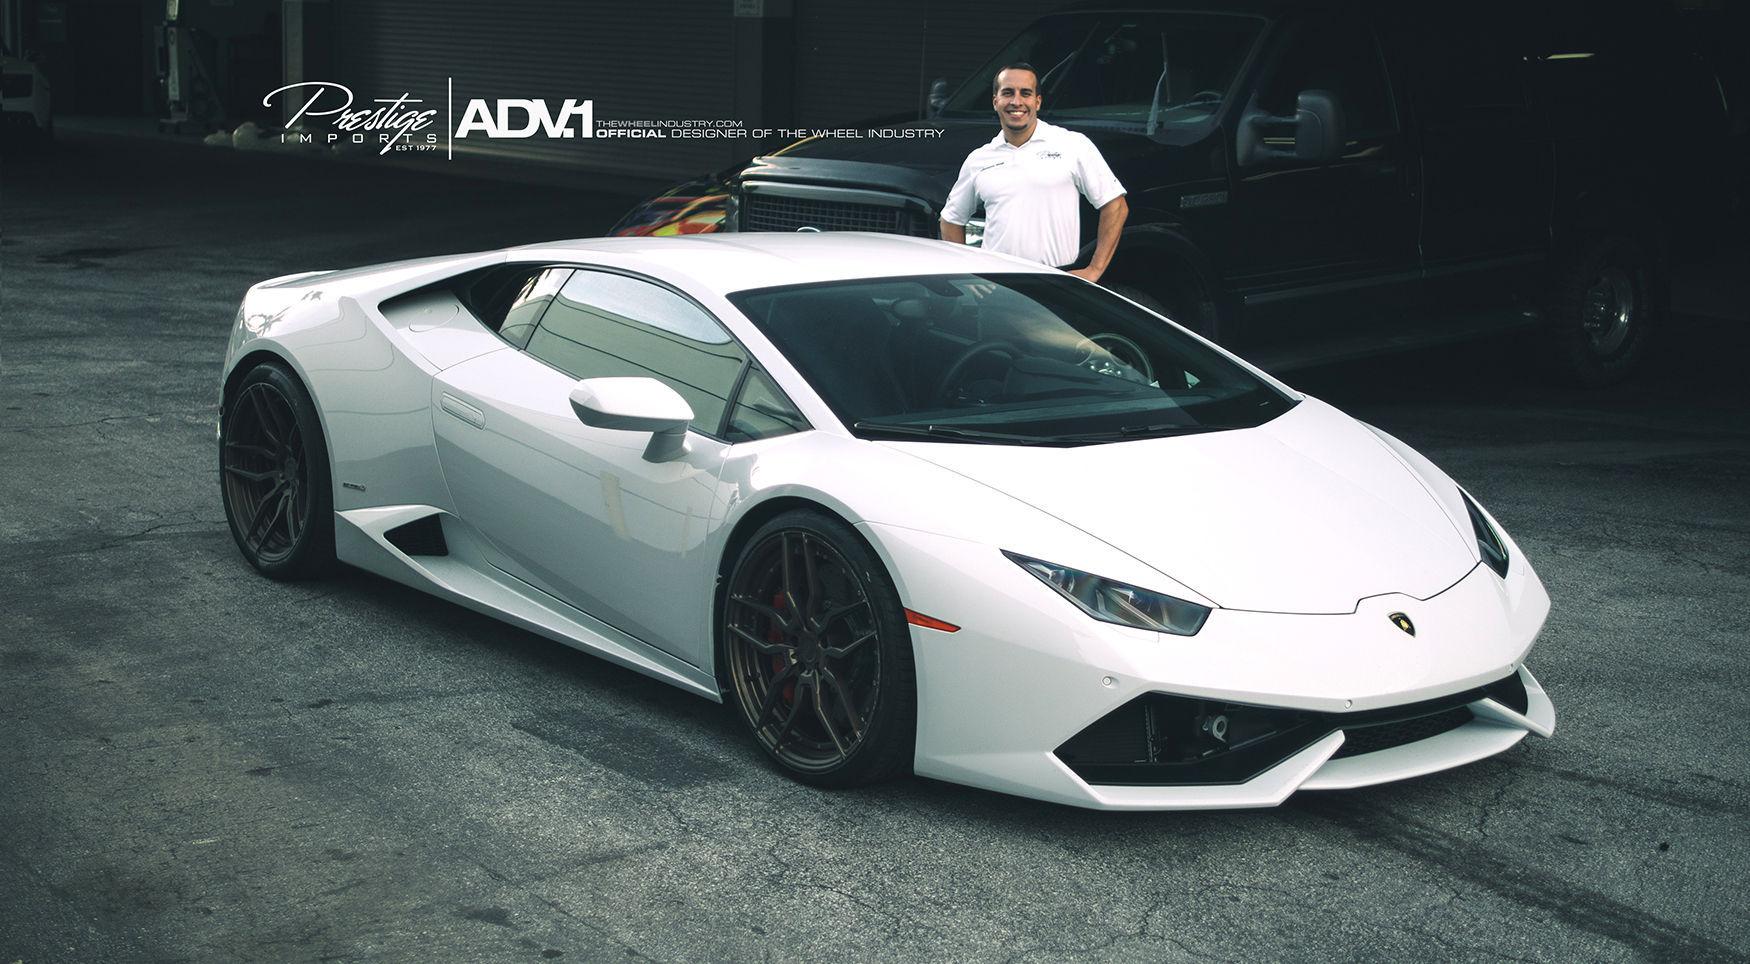 2015 Lamborghini Huracan | Lamborghini Huracan